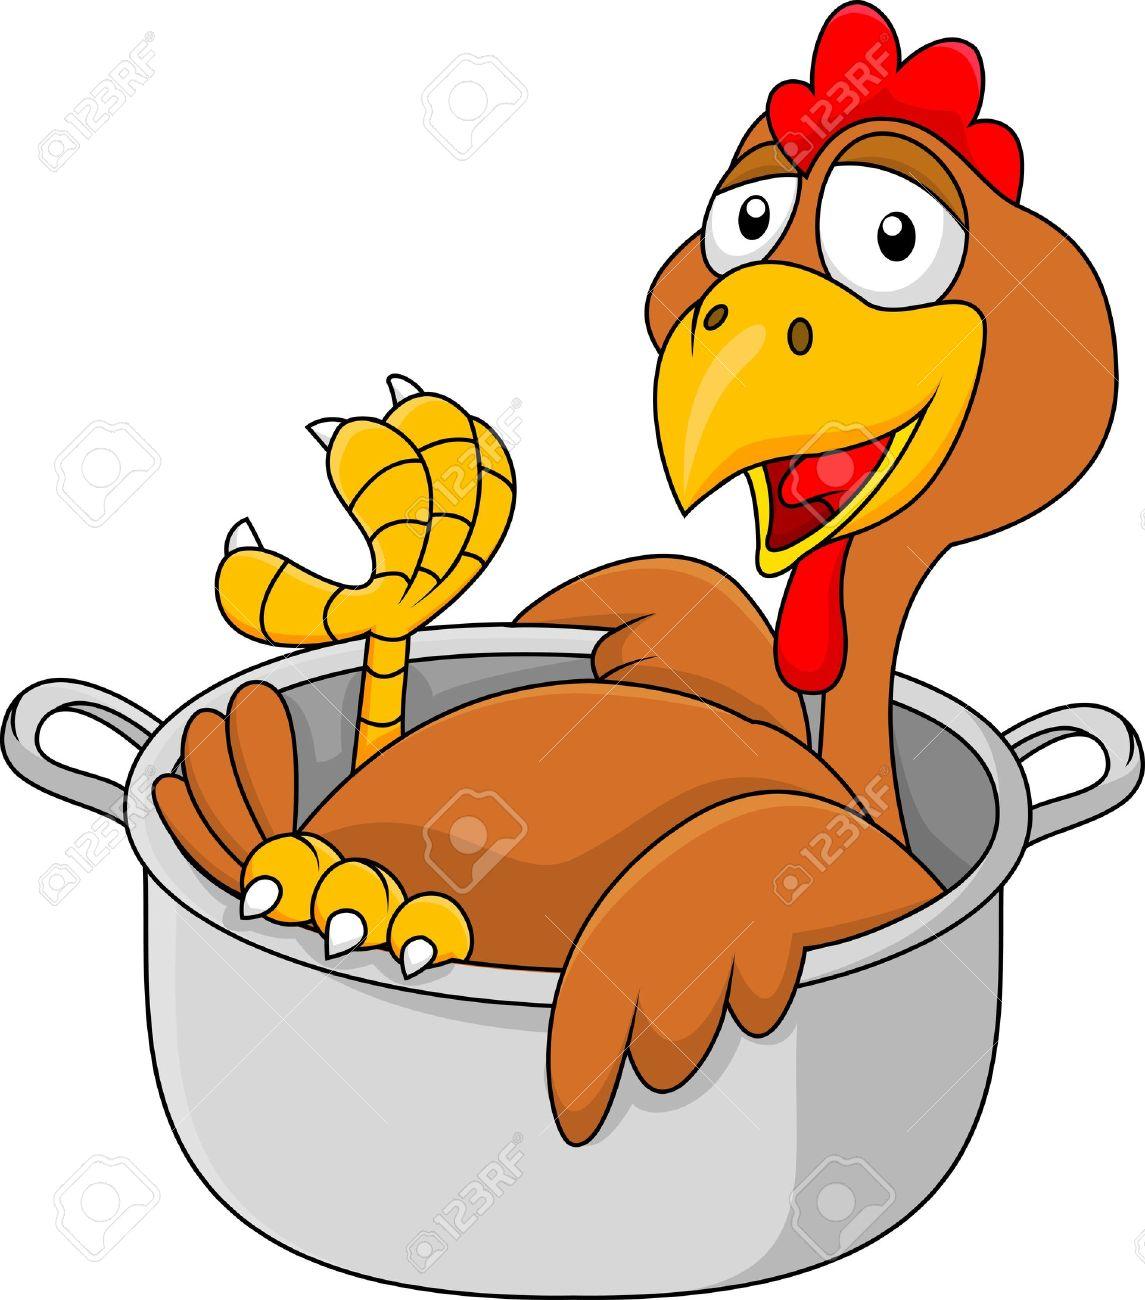 Dessin Animé Poule dessin animé poulet dans la casserole clip art libres de droits